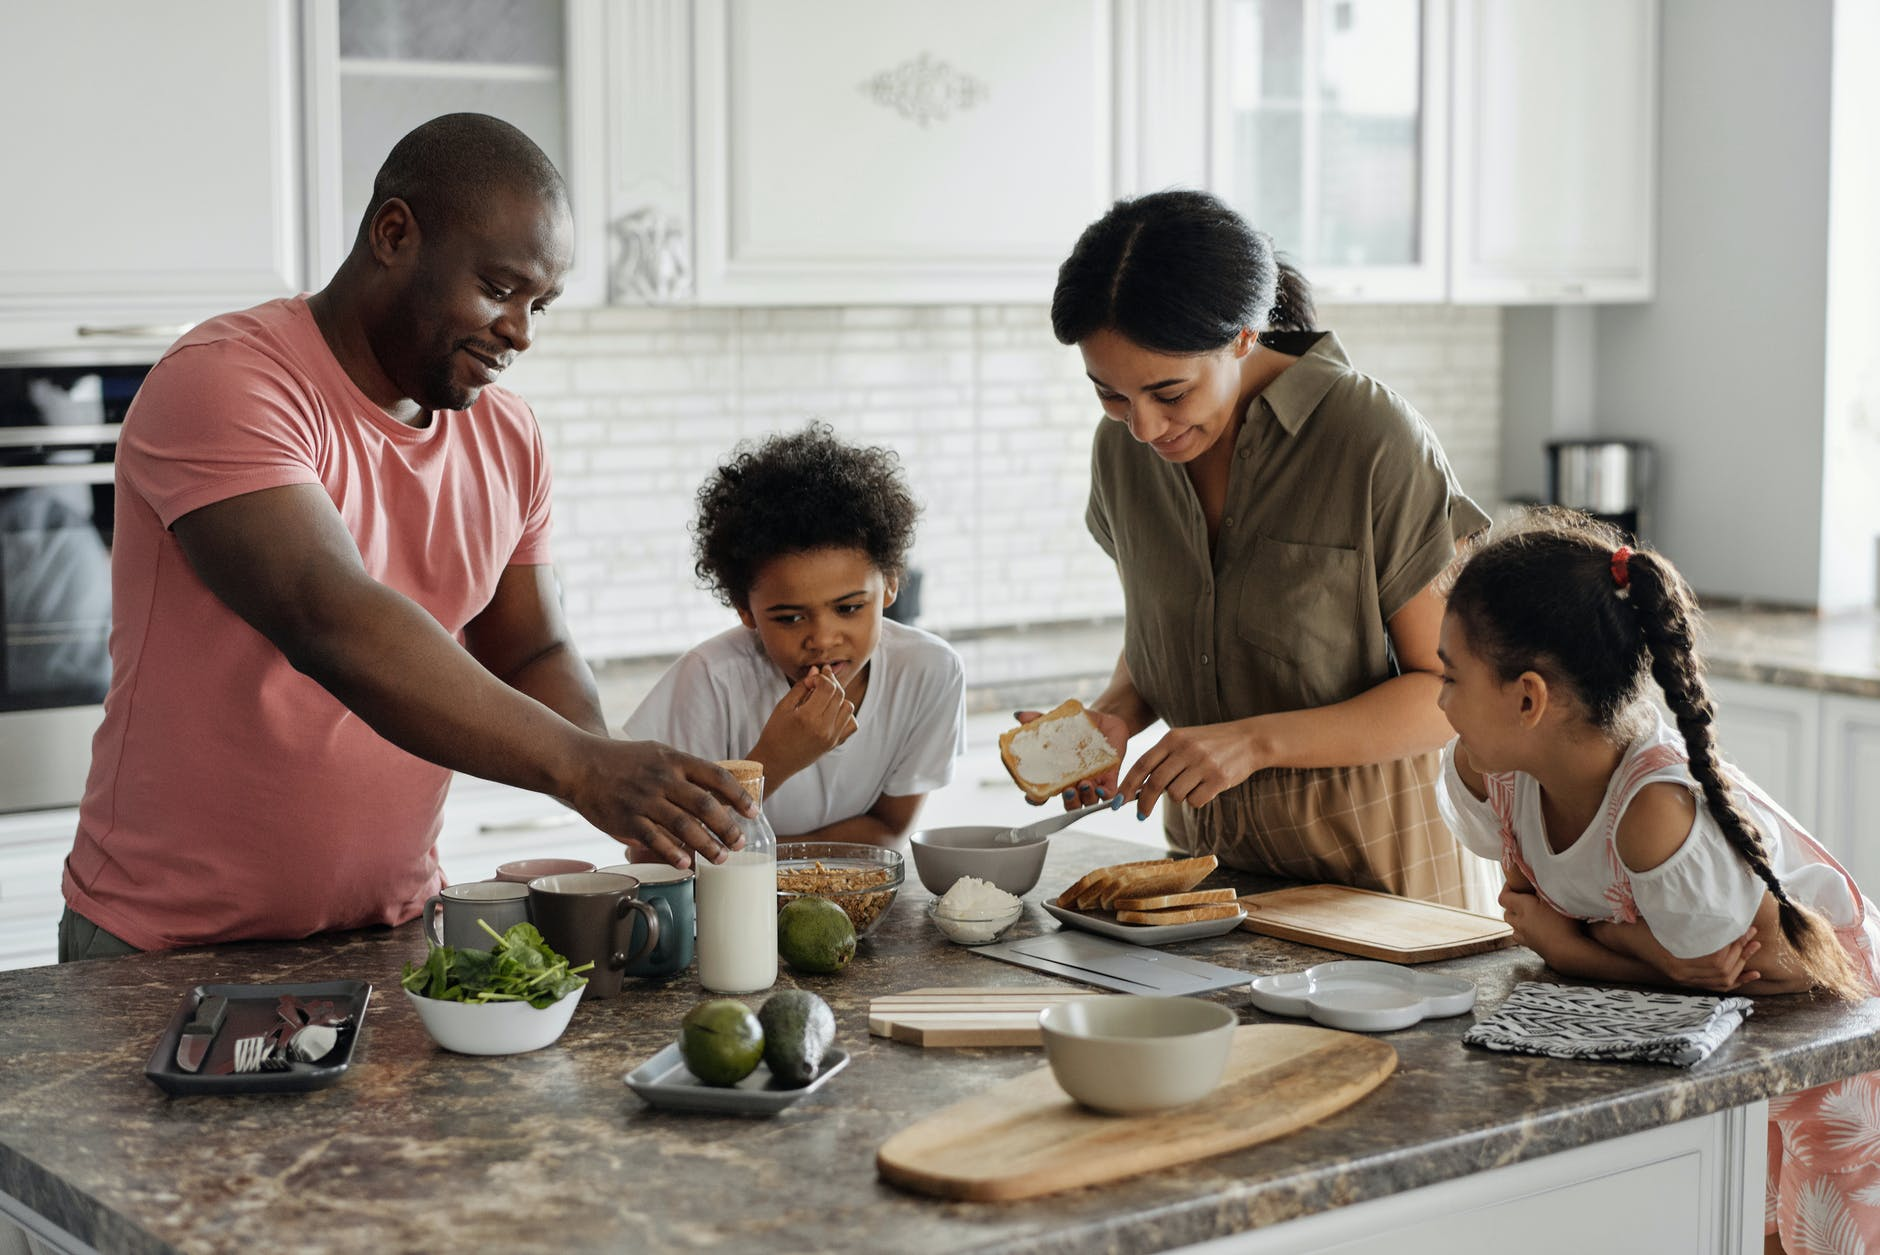 masak bersama pasangan dan buah hati